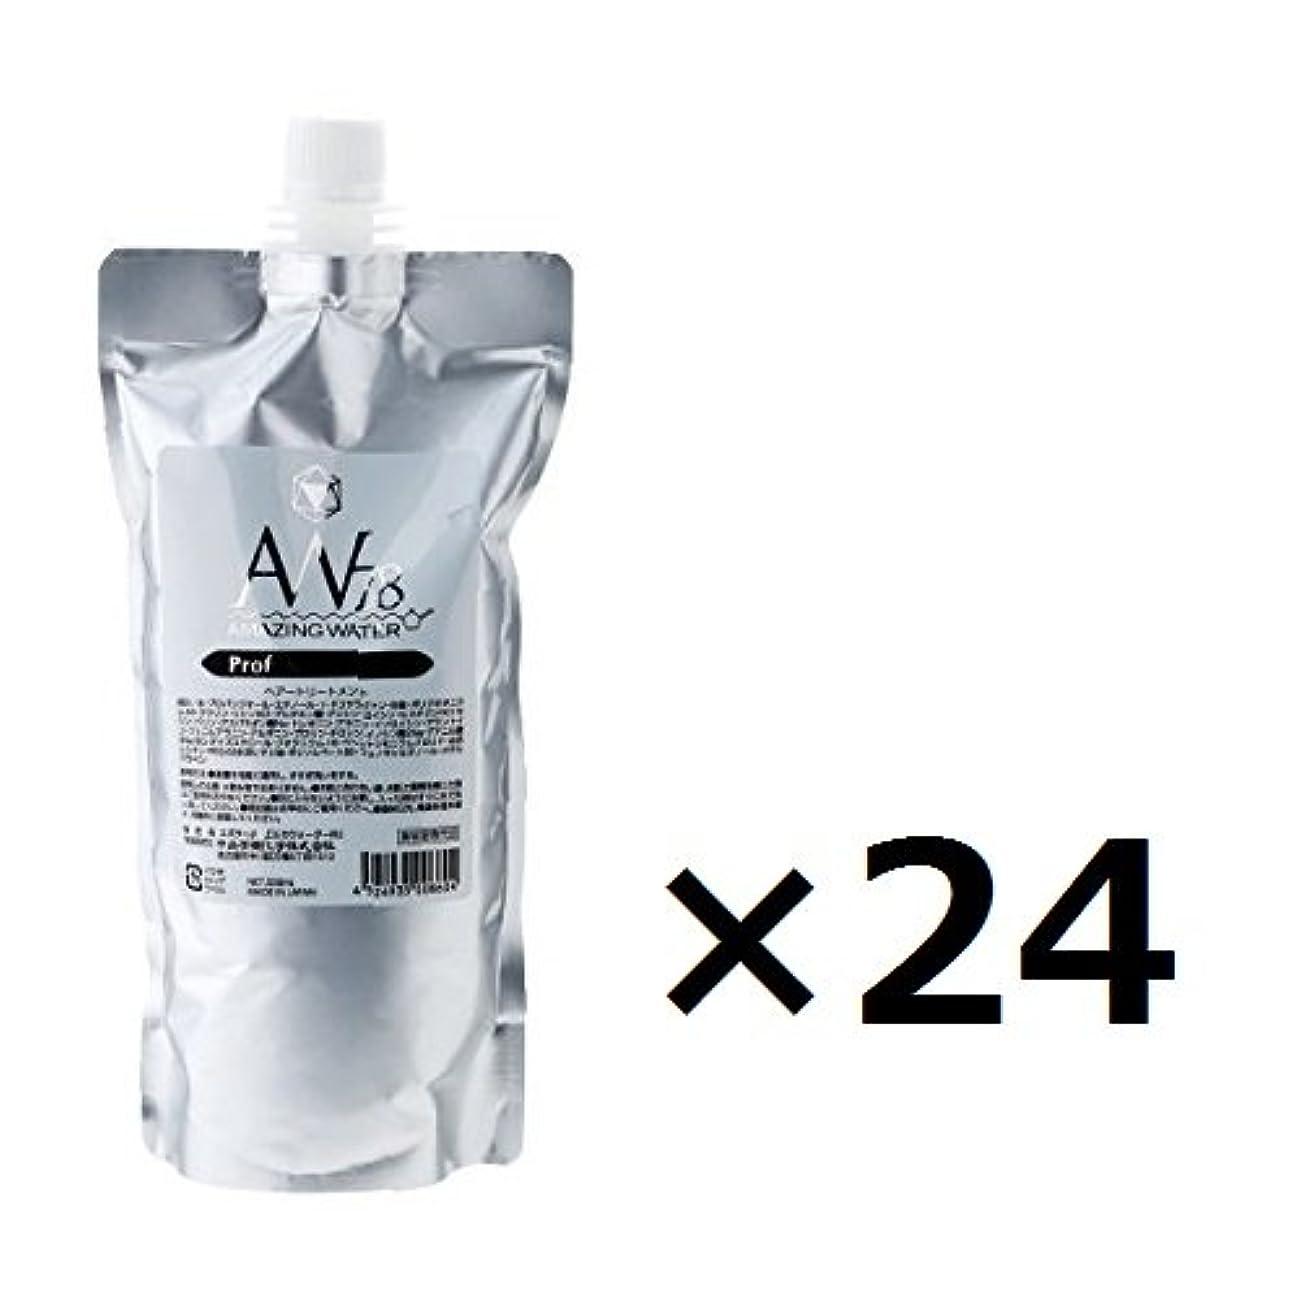 気付く志す粒中央有機化学 AW78 アメイジングウォーター プロフェッショナル 500ml レフィル 24個セット